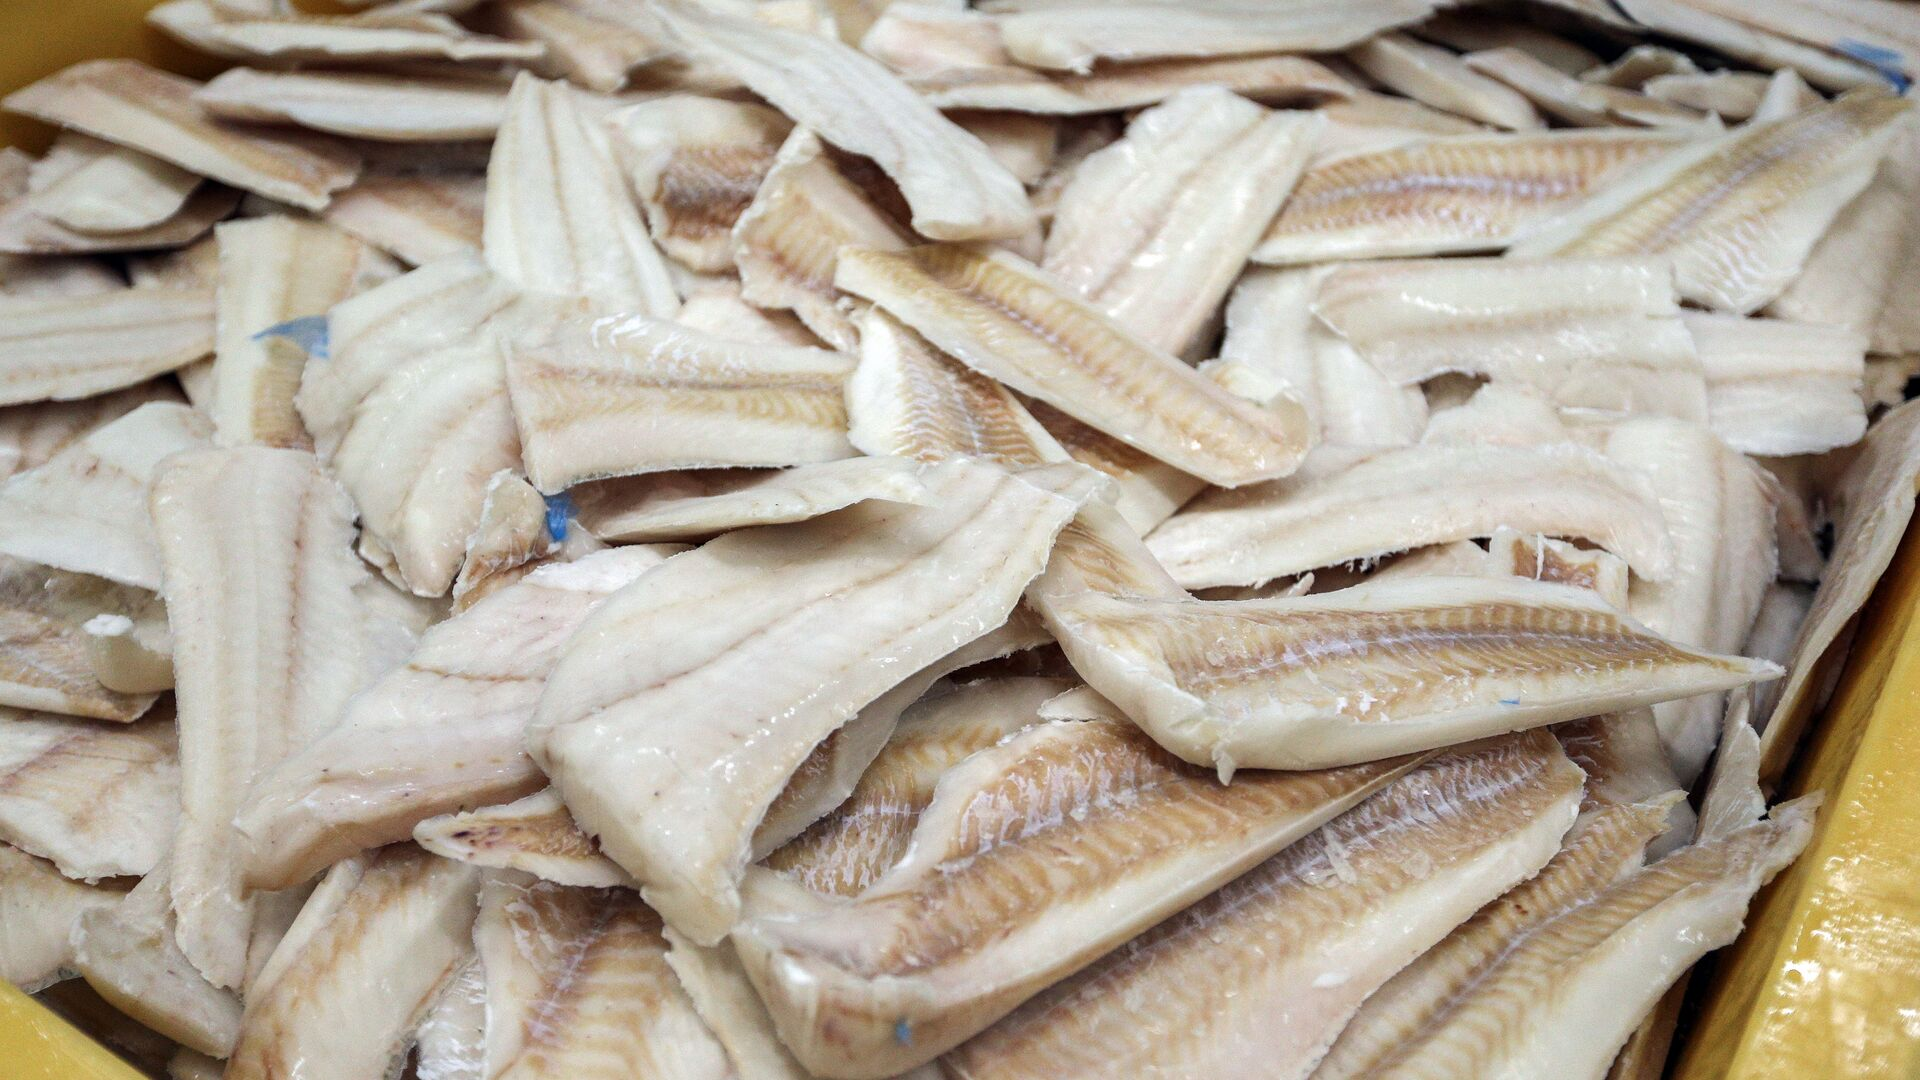 Филе трески в цехе рыбоперерабатывающей фабрики - РИА Новости, 1920, 18.10.2020